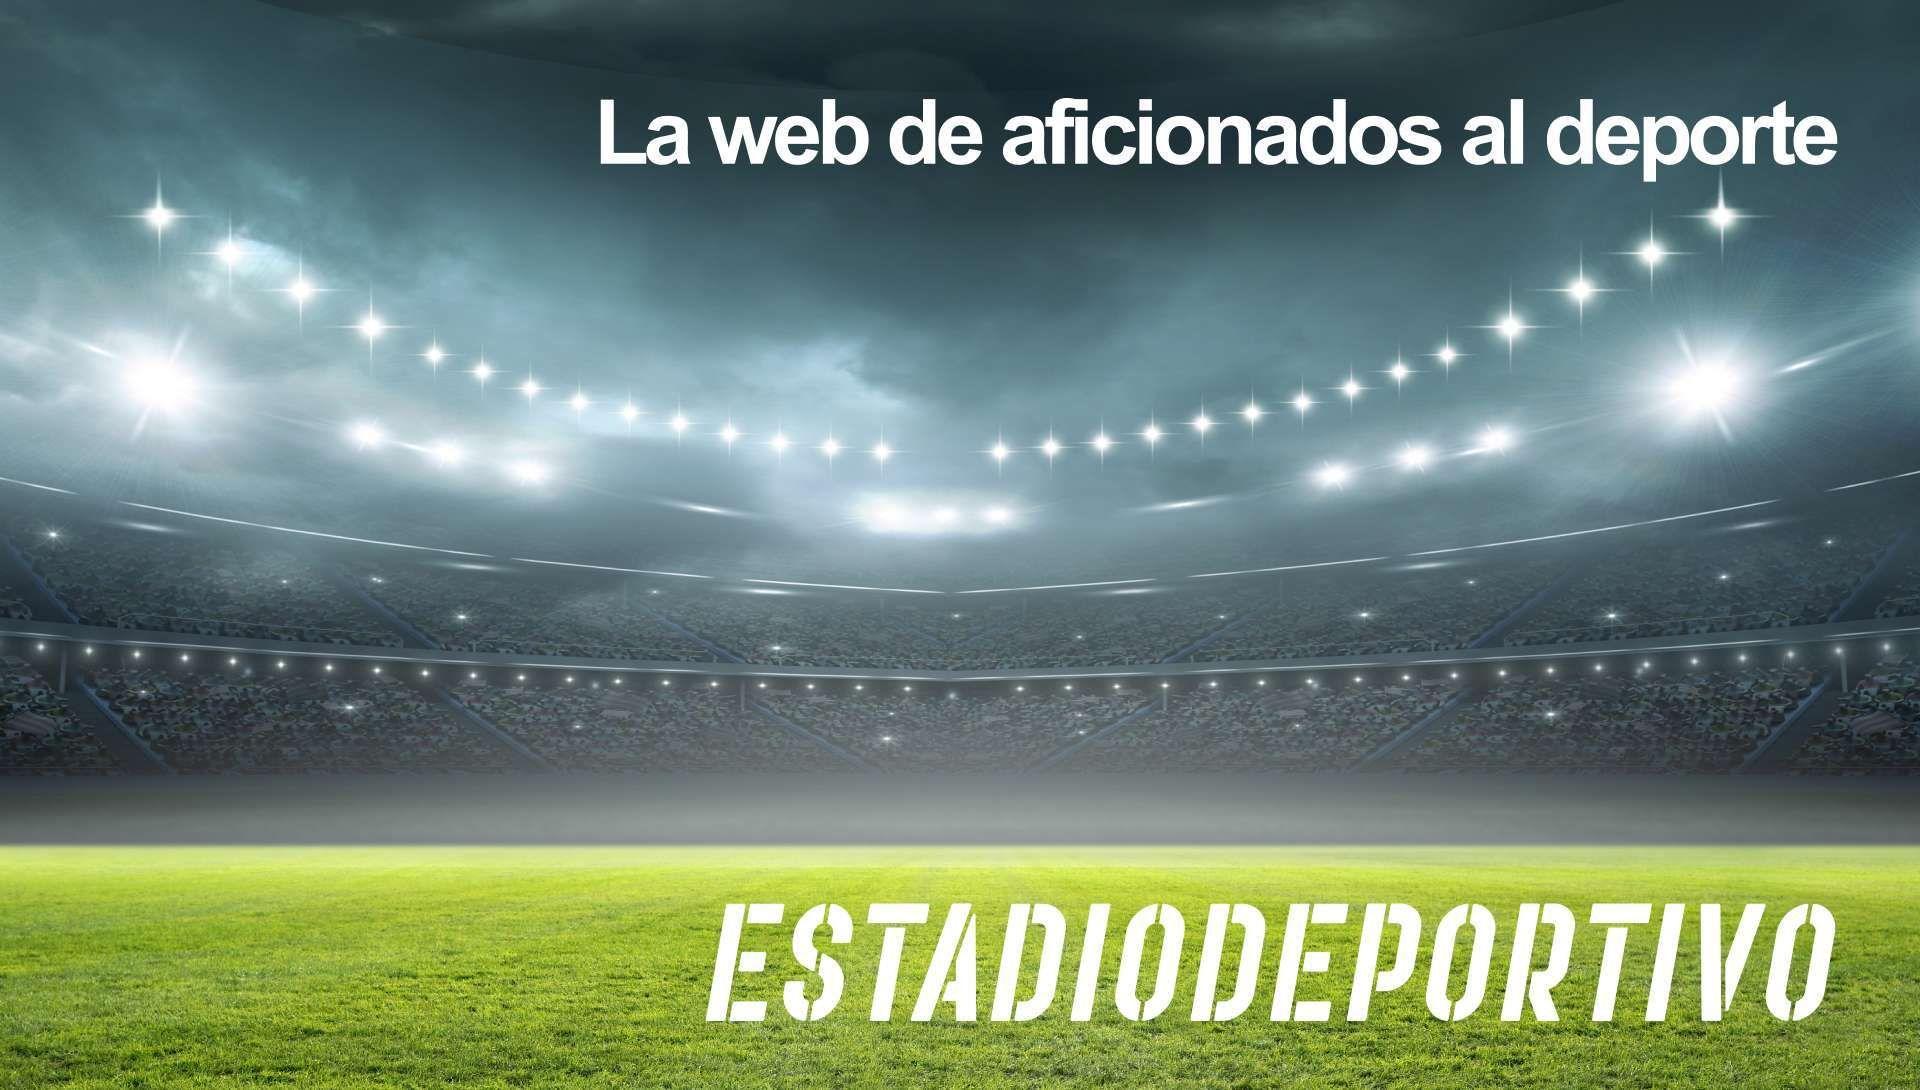 Las portadas del jueves 8 de abril